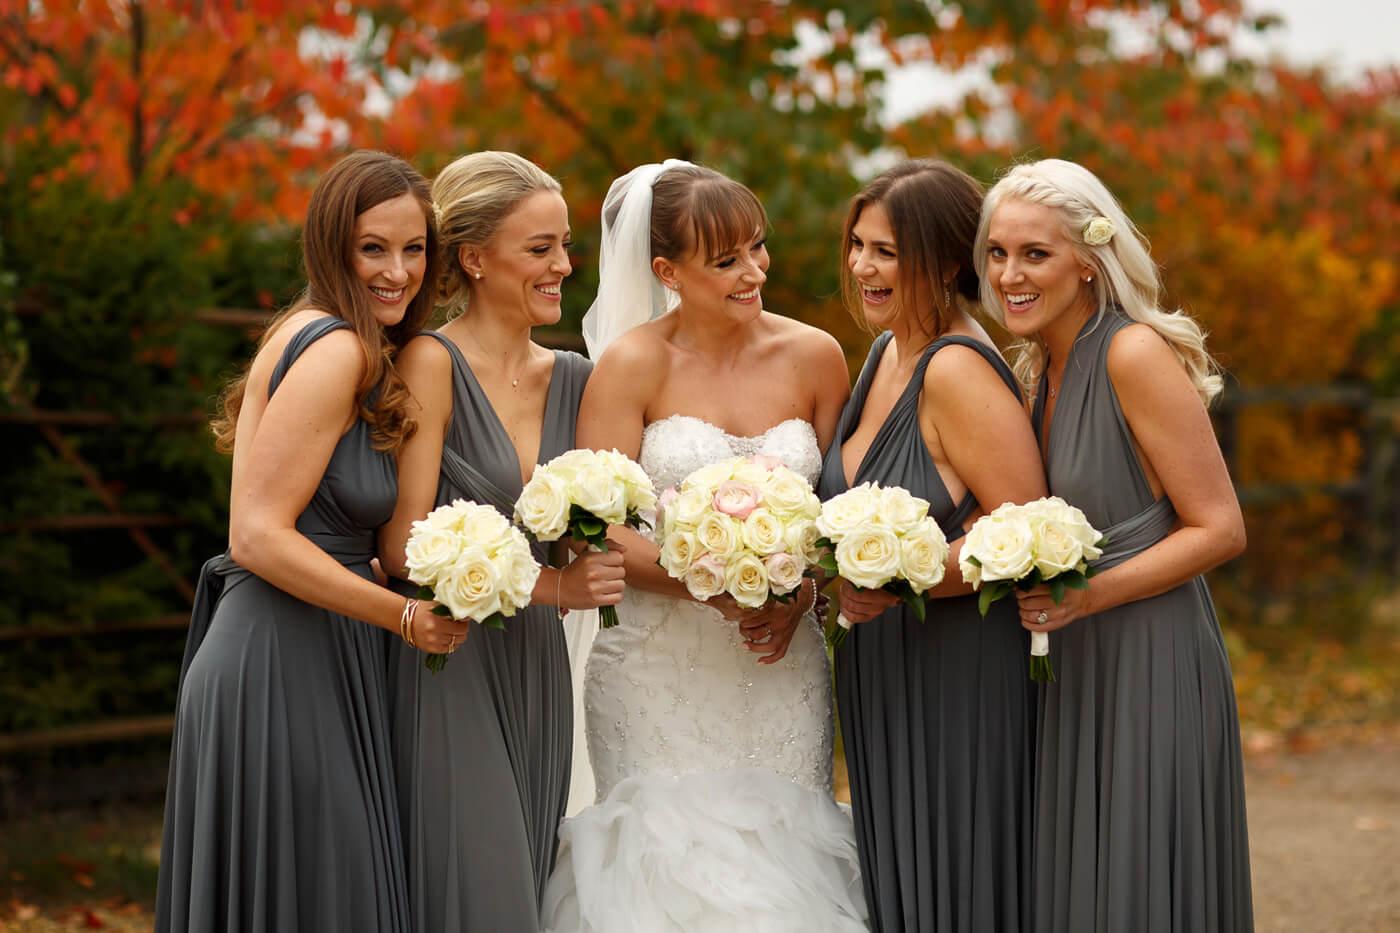 Brautjungfernkleider grau und vielseitig I Fotostory mit Tipps & Ideen